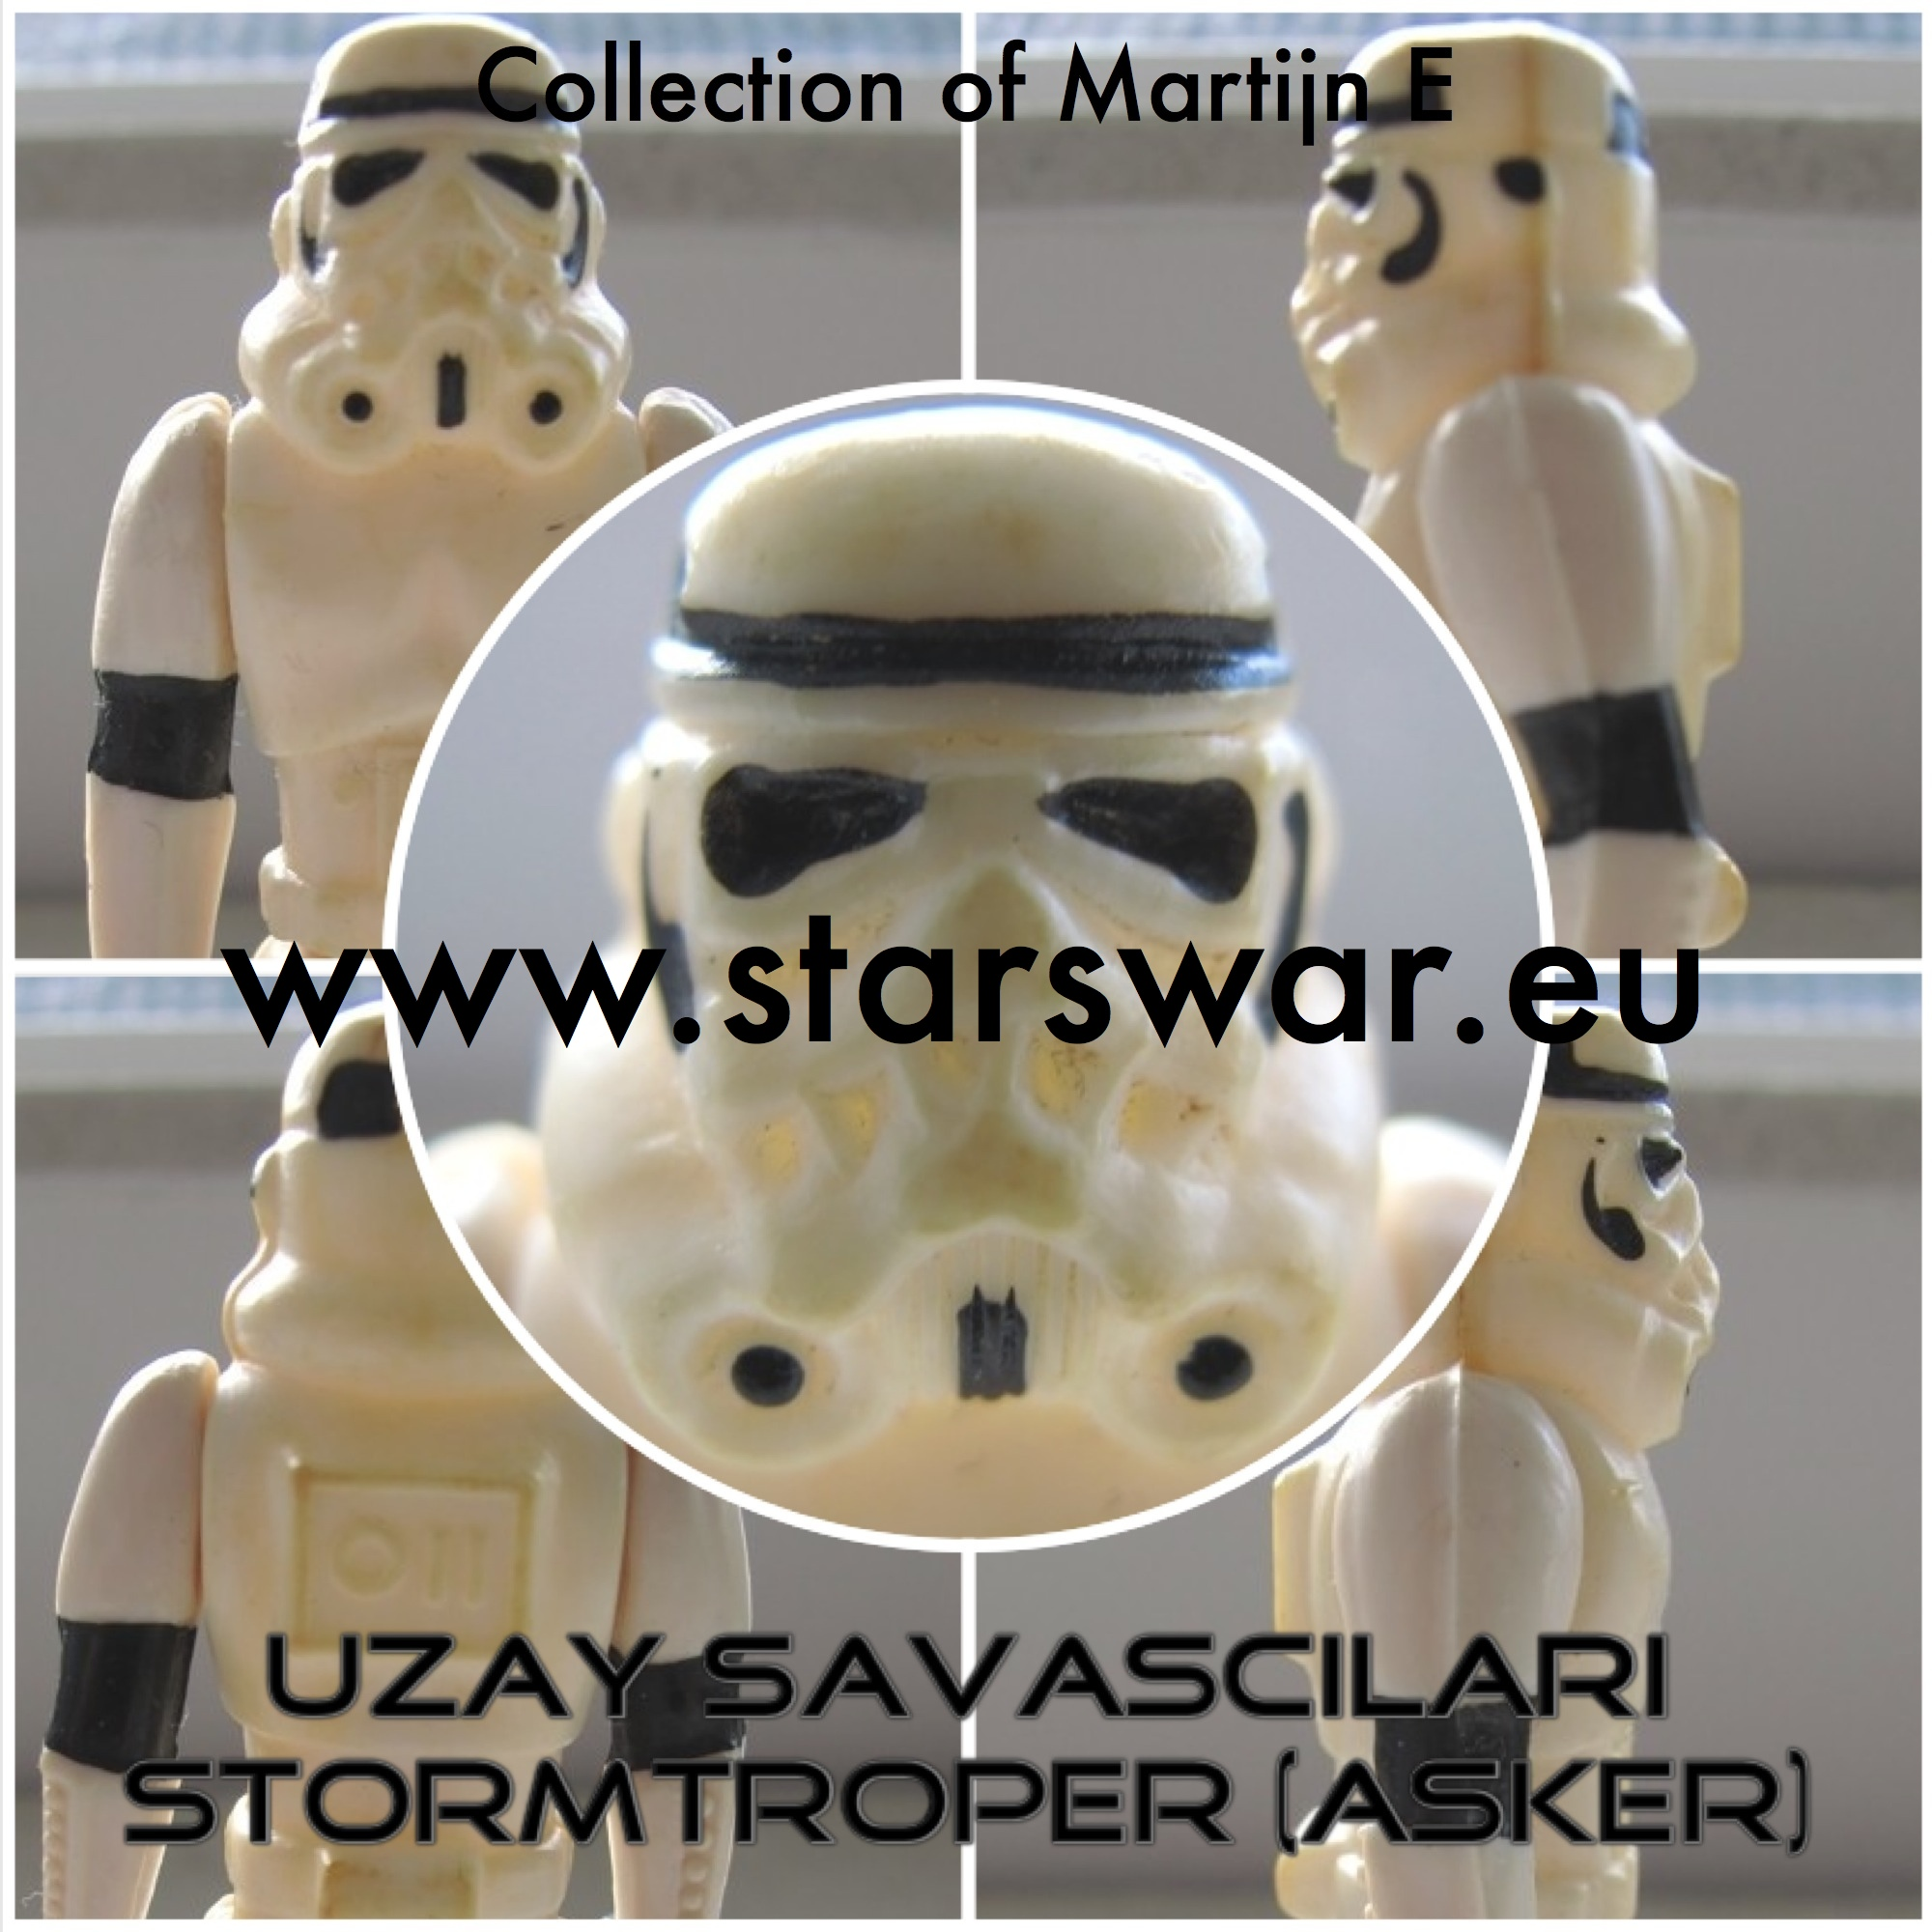 Uzay Stormtroper (Asker) 2